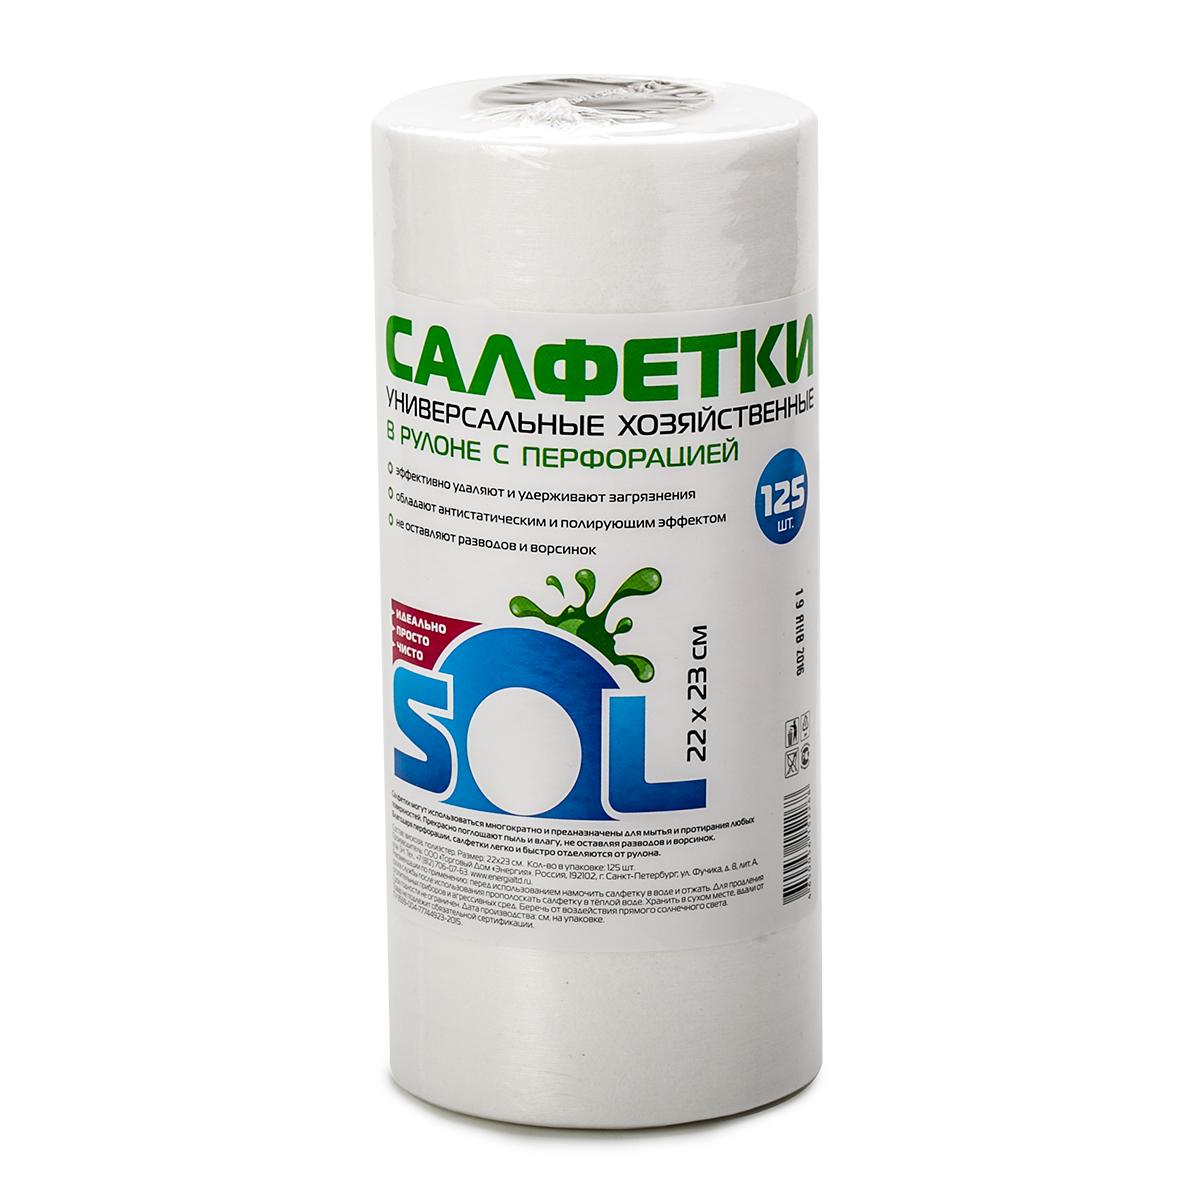 Салфетка для уборки Sol, в рулоне, с перфорацией, 22 x 23 см, 125 штK100Салфетки для уборки Sol могут использоваться многократно и предназначены для мытья и протирания любых поверхностей. Выполнены из вискозы и полиэстера. Салфетки прекрасно поглощают пыль и влагу, не оставляя разводов и ворсинок. Благодаря перфорации, салфетки легко и быстро отделяются от рулона.